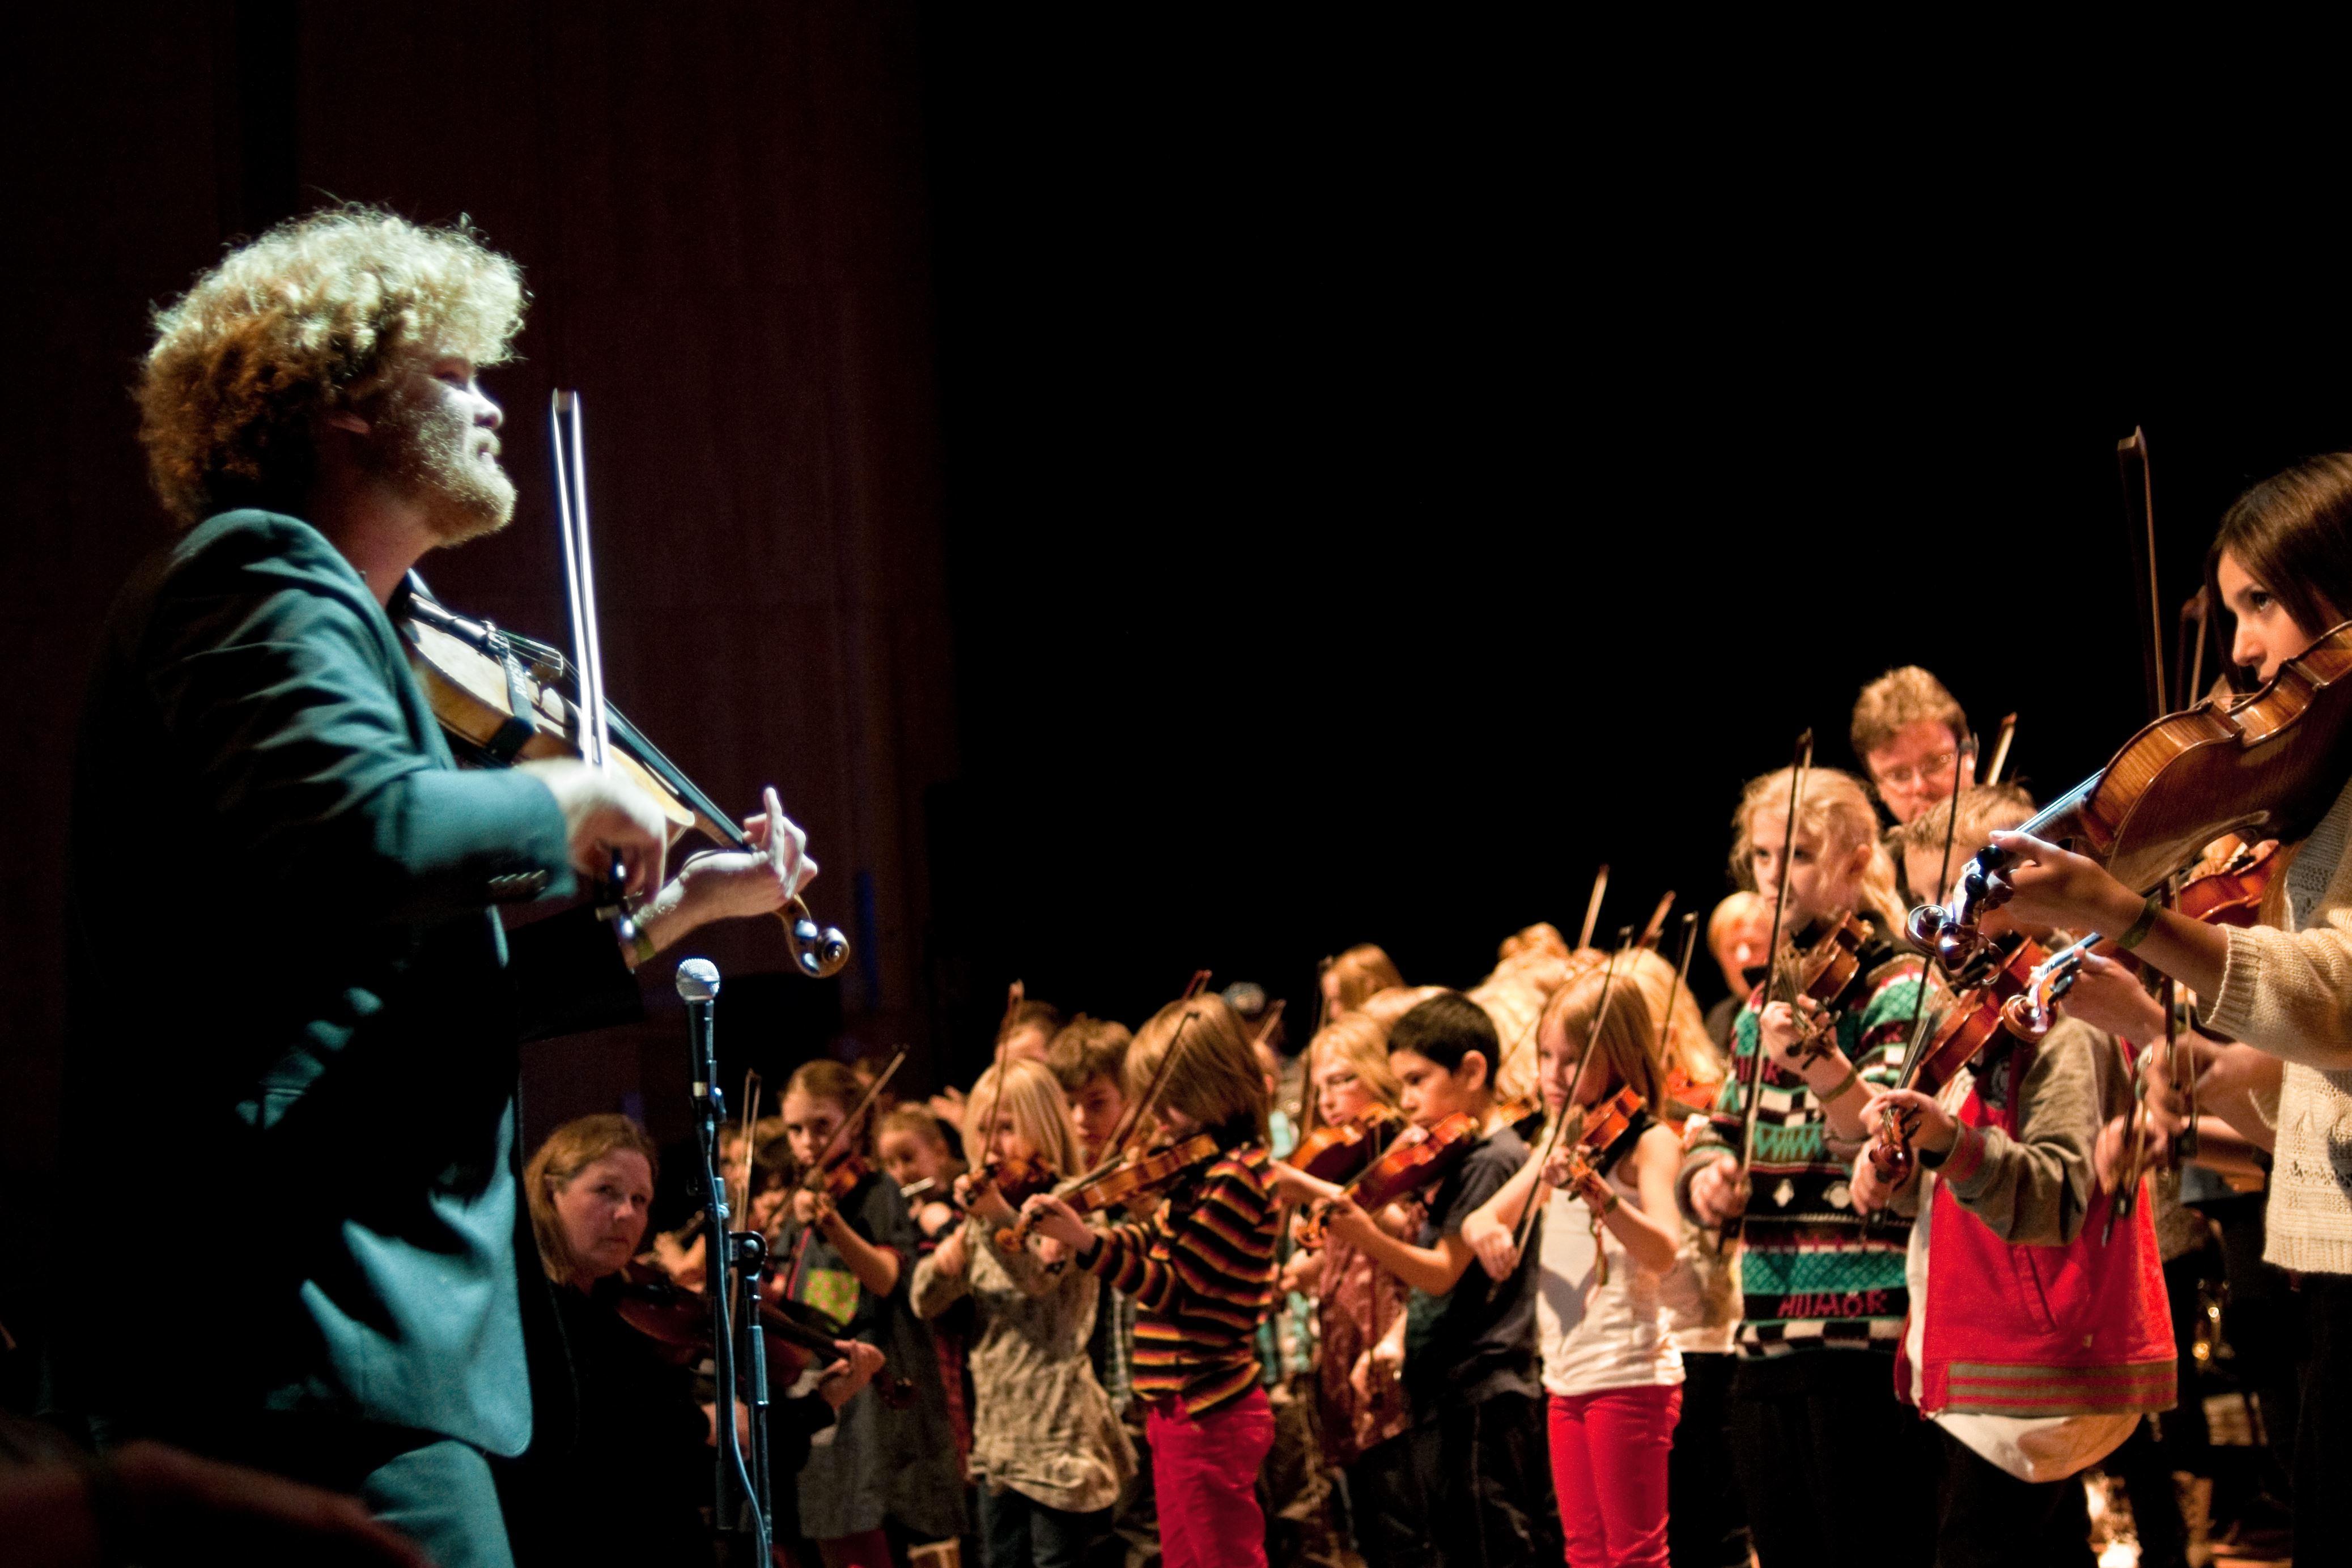 Umeå Folkmusikfestival